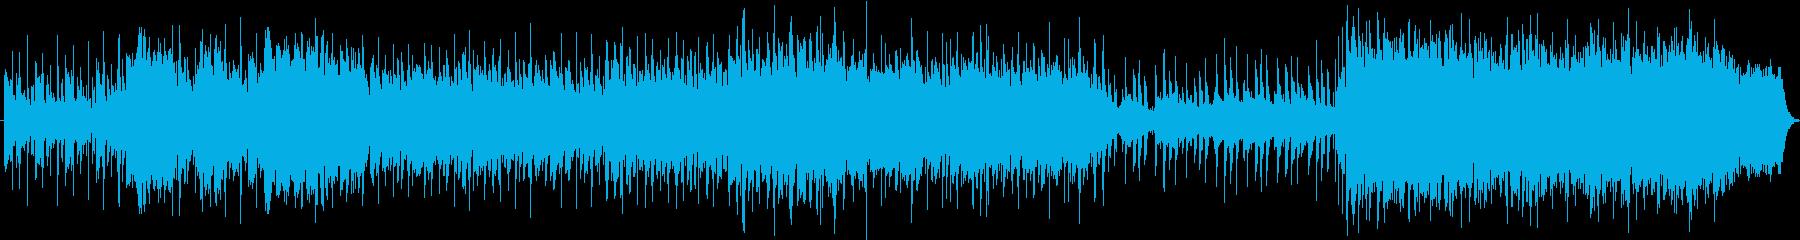 クリスマスソング~ポップスオーケストラ風の再生済みの波形